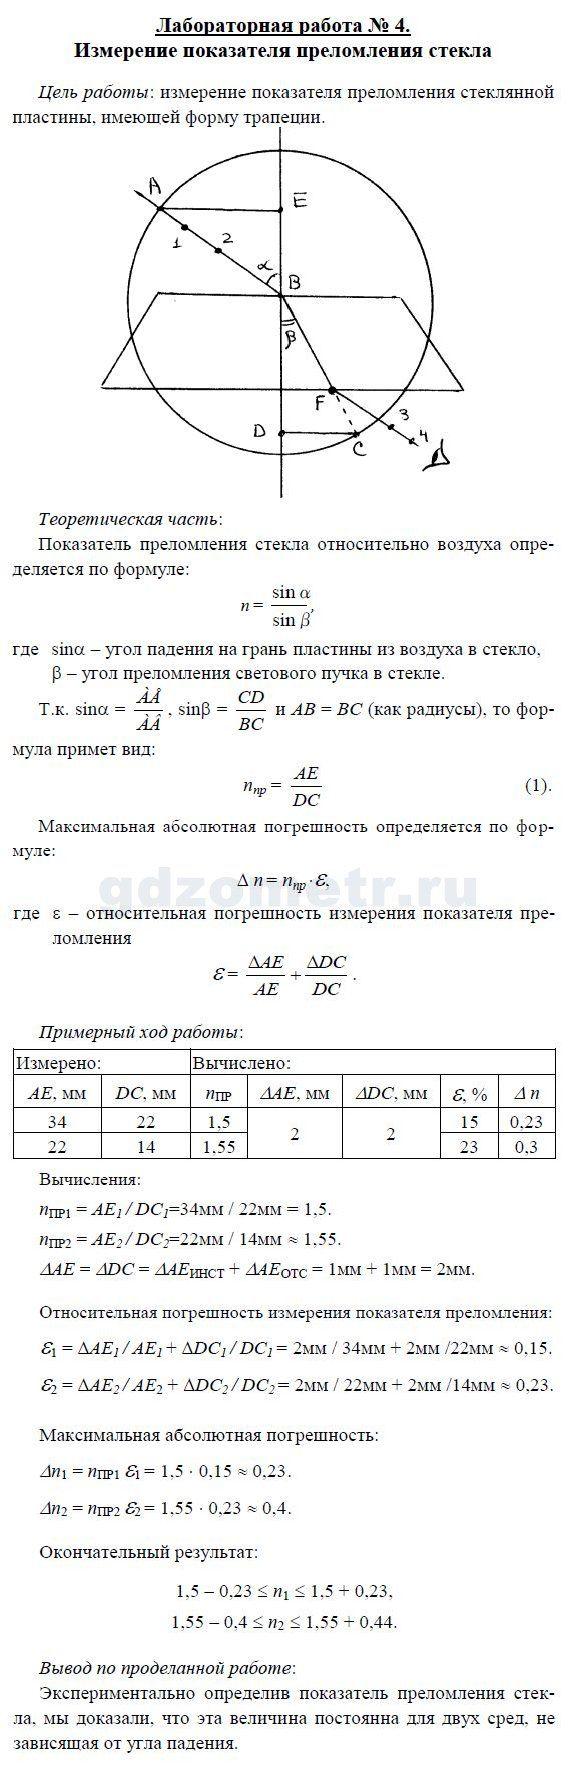 Рабочая программа по русскому 4 класс школа россии митюшина хамраева скачать